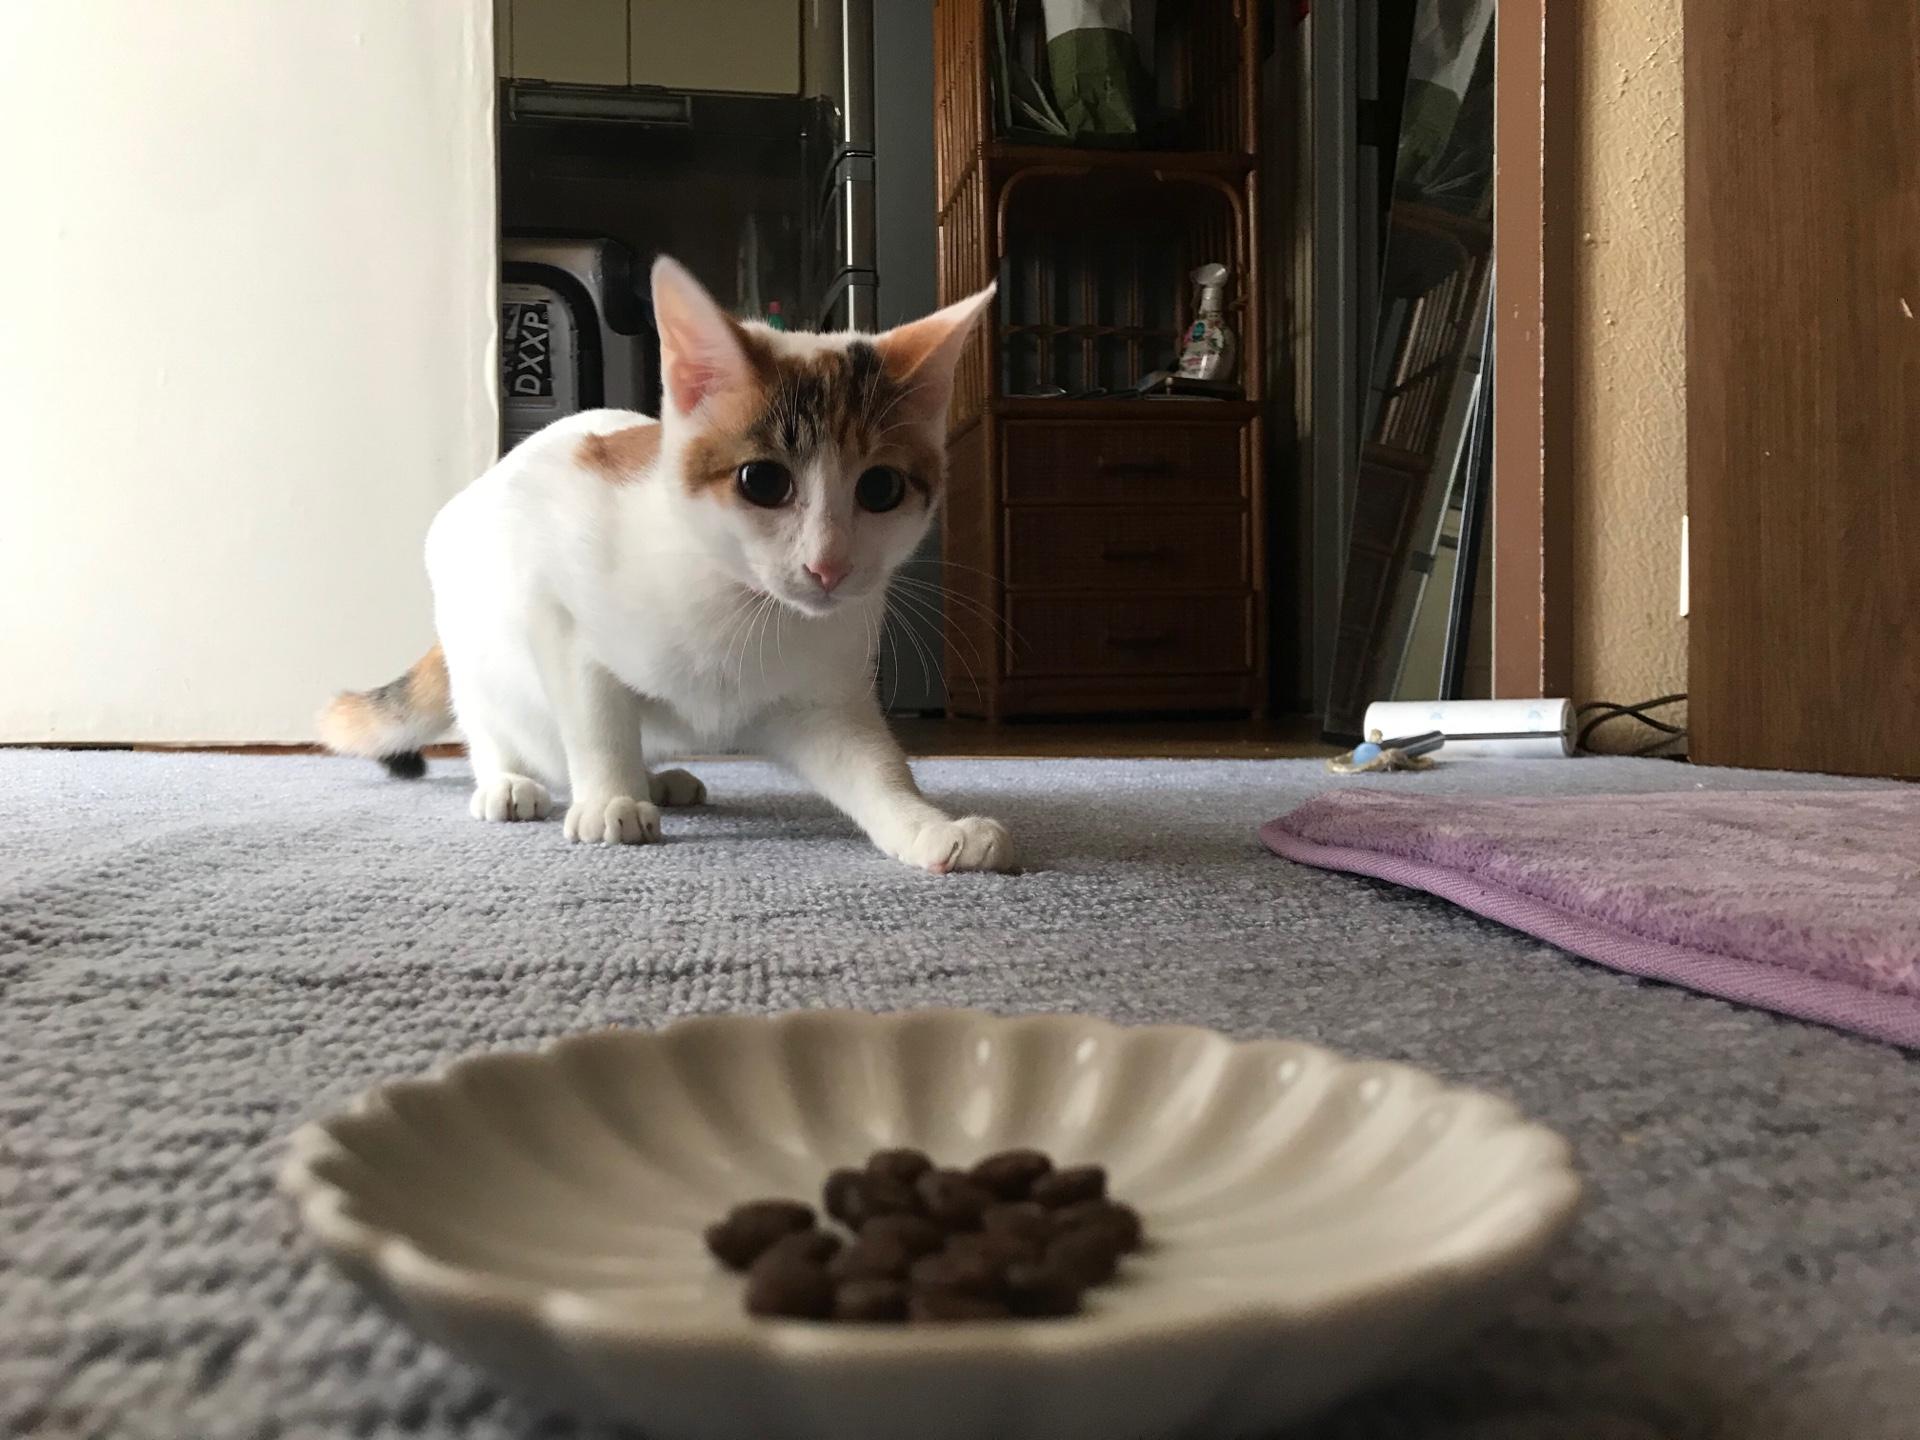 うちの猫に人気なキャットフードランキング!一番よく食べたドライフードのおすすめはコレ!